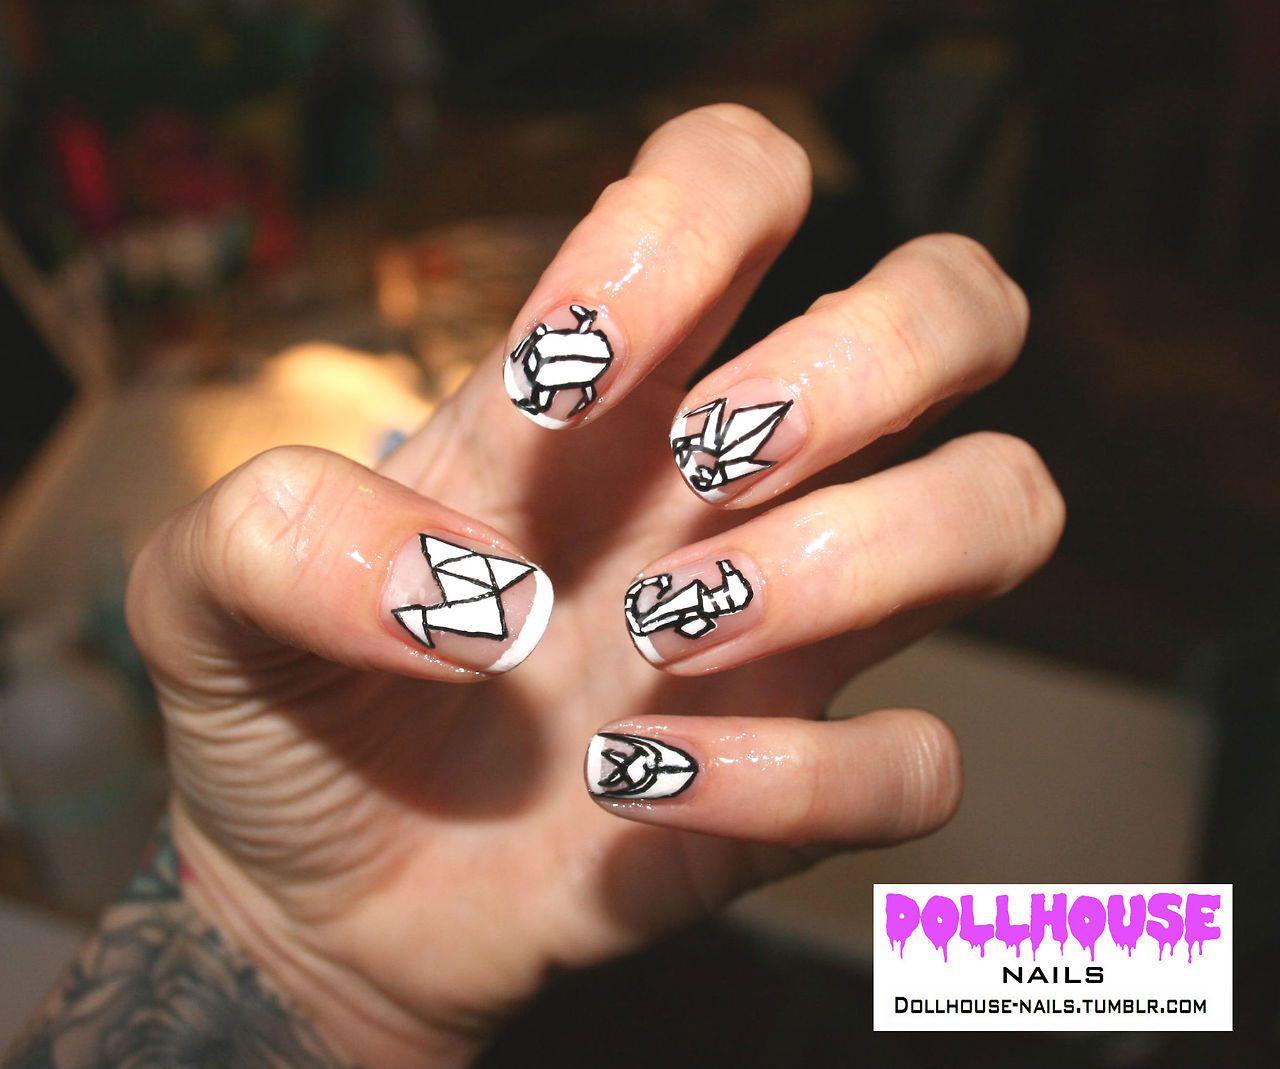 Nail Art. Animal origami nails  see more of my nail work at: dollhouse-nails.tumblr.com